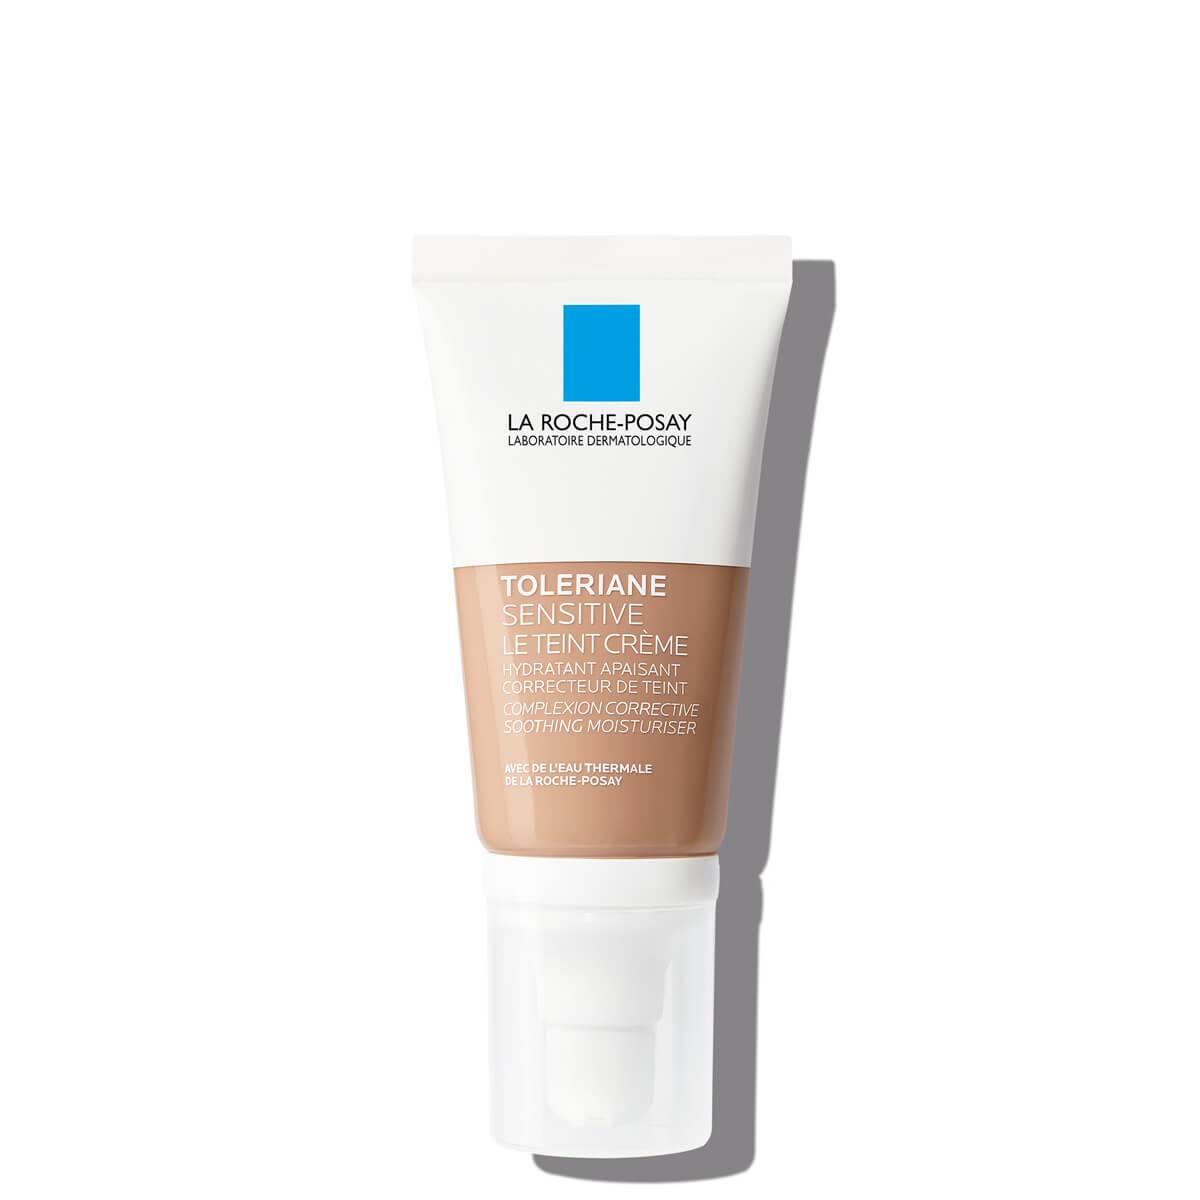 LaRochePosay-Produkt-Allergisk-Toleriane-SensitiveLeTeint-50ml-3337875678636-FSS